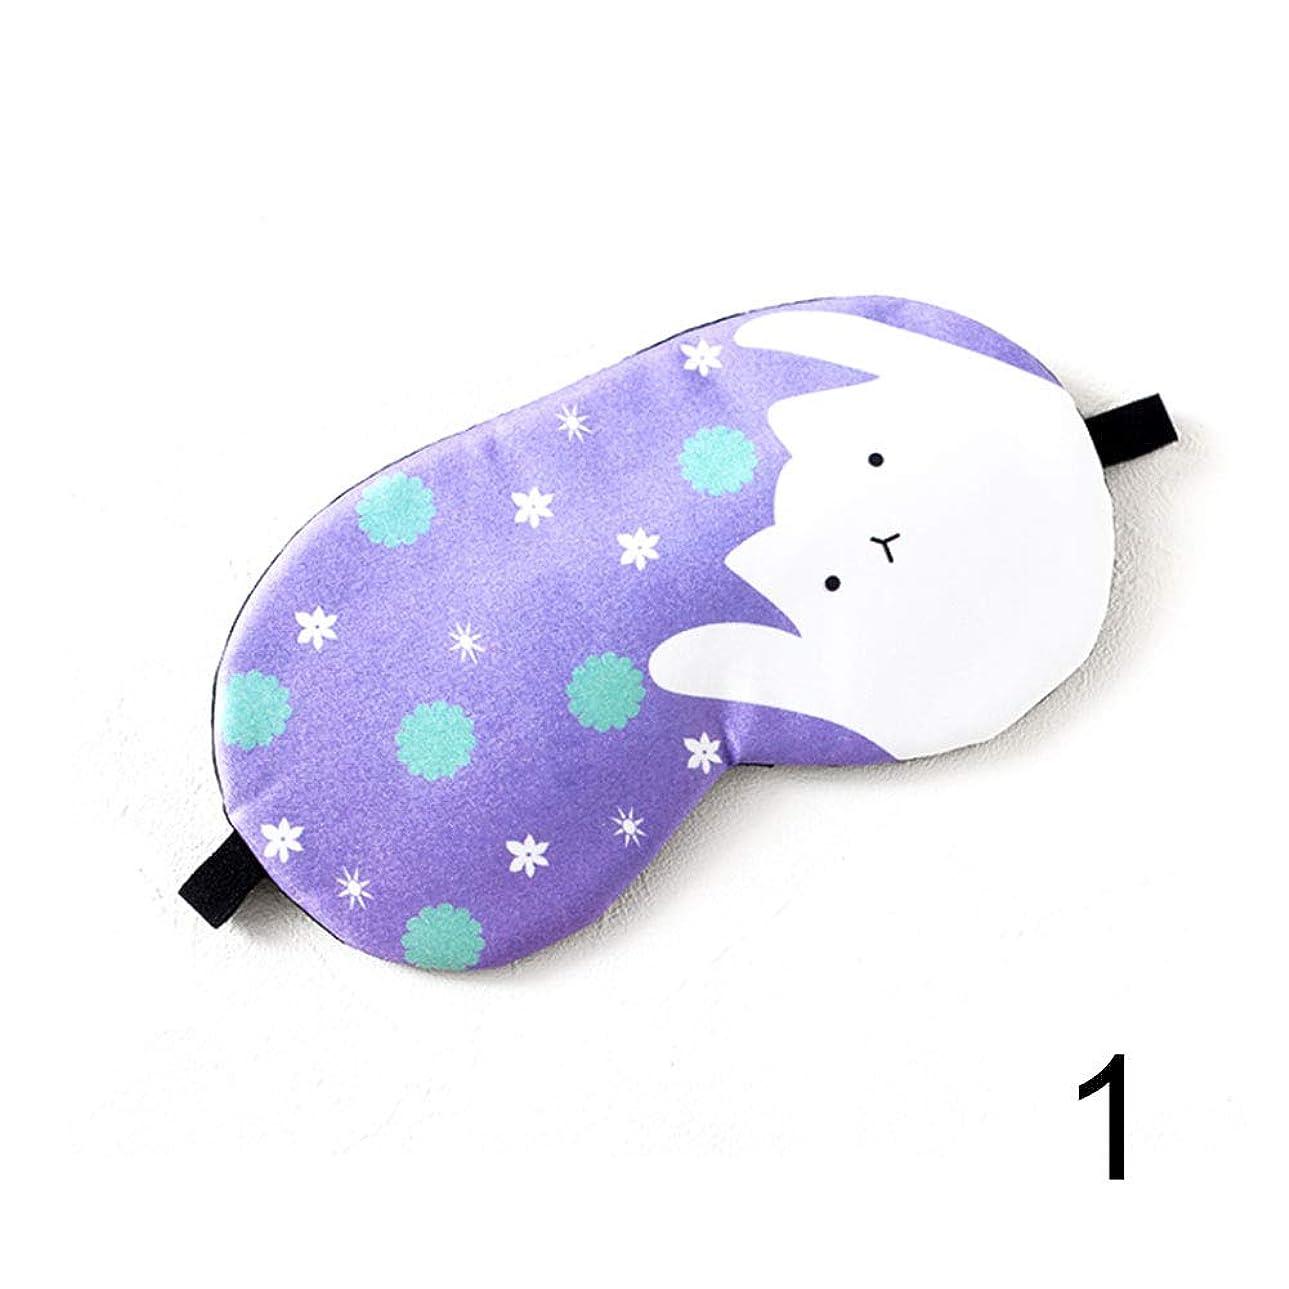 ダイヤル贅沢なクマノミNOTE 新しい夏の睡眠マスクアイパッチ疲れた休息旅行リラックス補助目隠しアイスカバーかわいいパターン睡眠アイシェードDC88